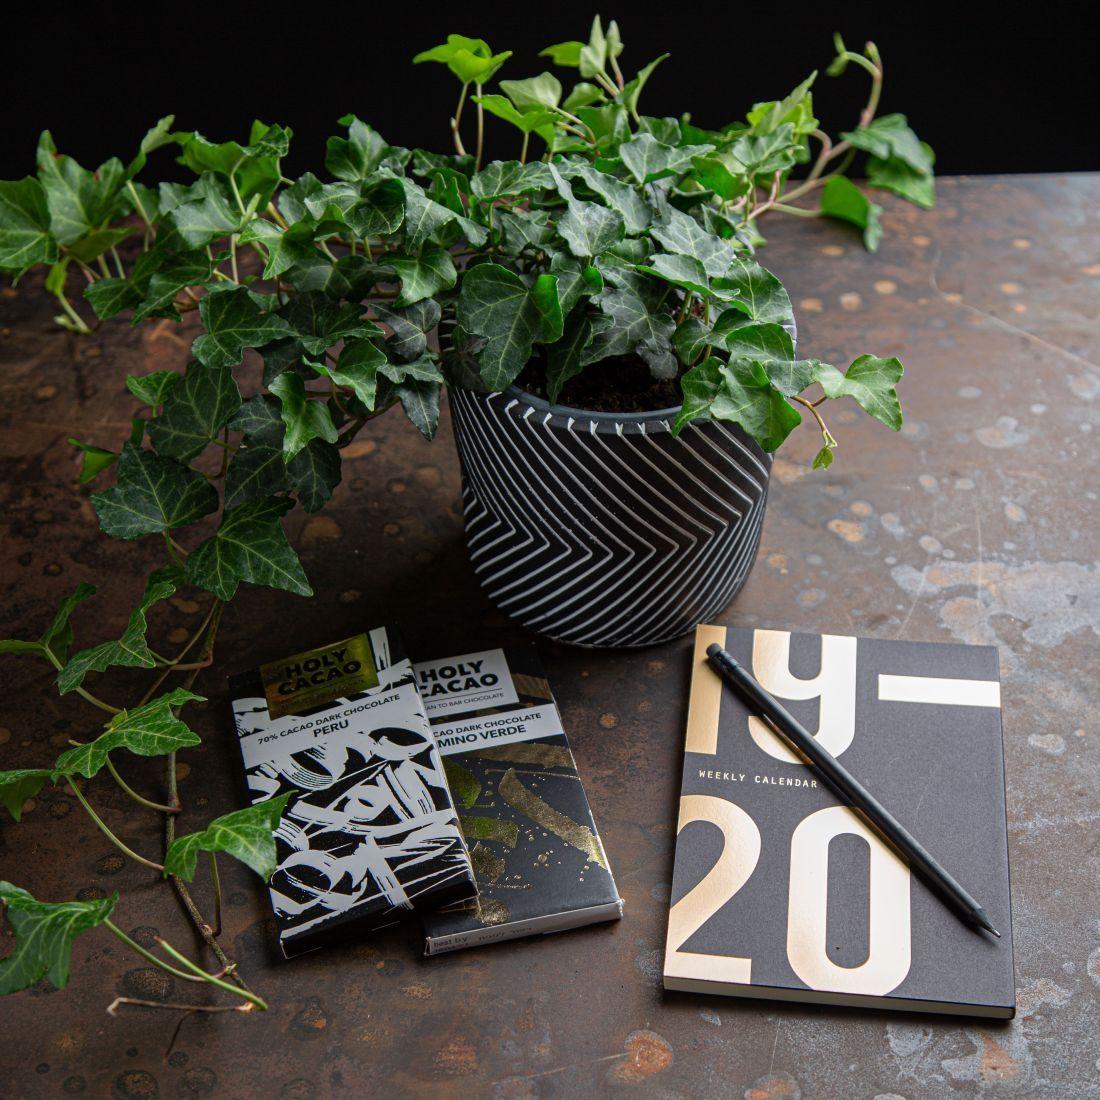 מארז התחלה מתוקה - יומן שבועי מעוצב, עציץ פרחים בתוך כלי חרס ו-2 חבילות שוקולד של הולי קקאו.